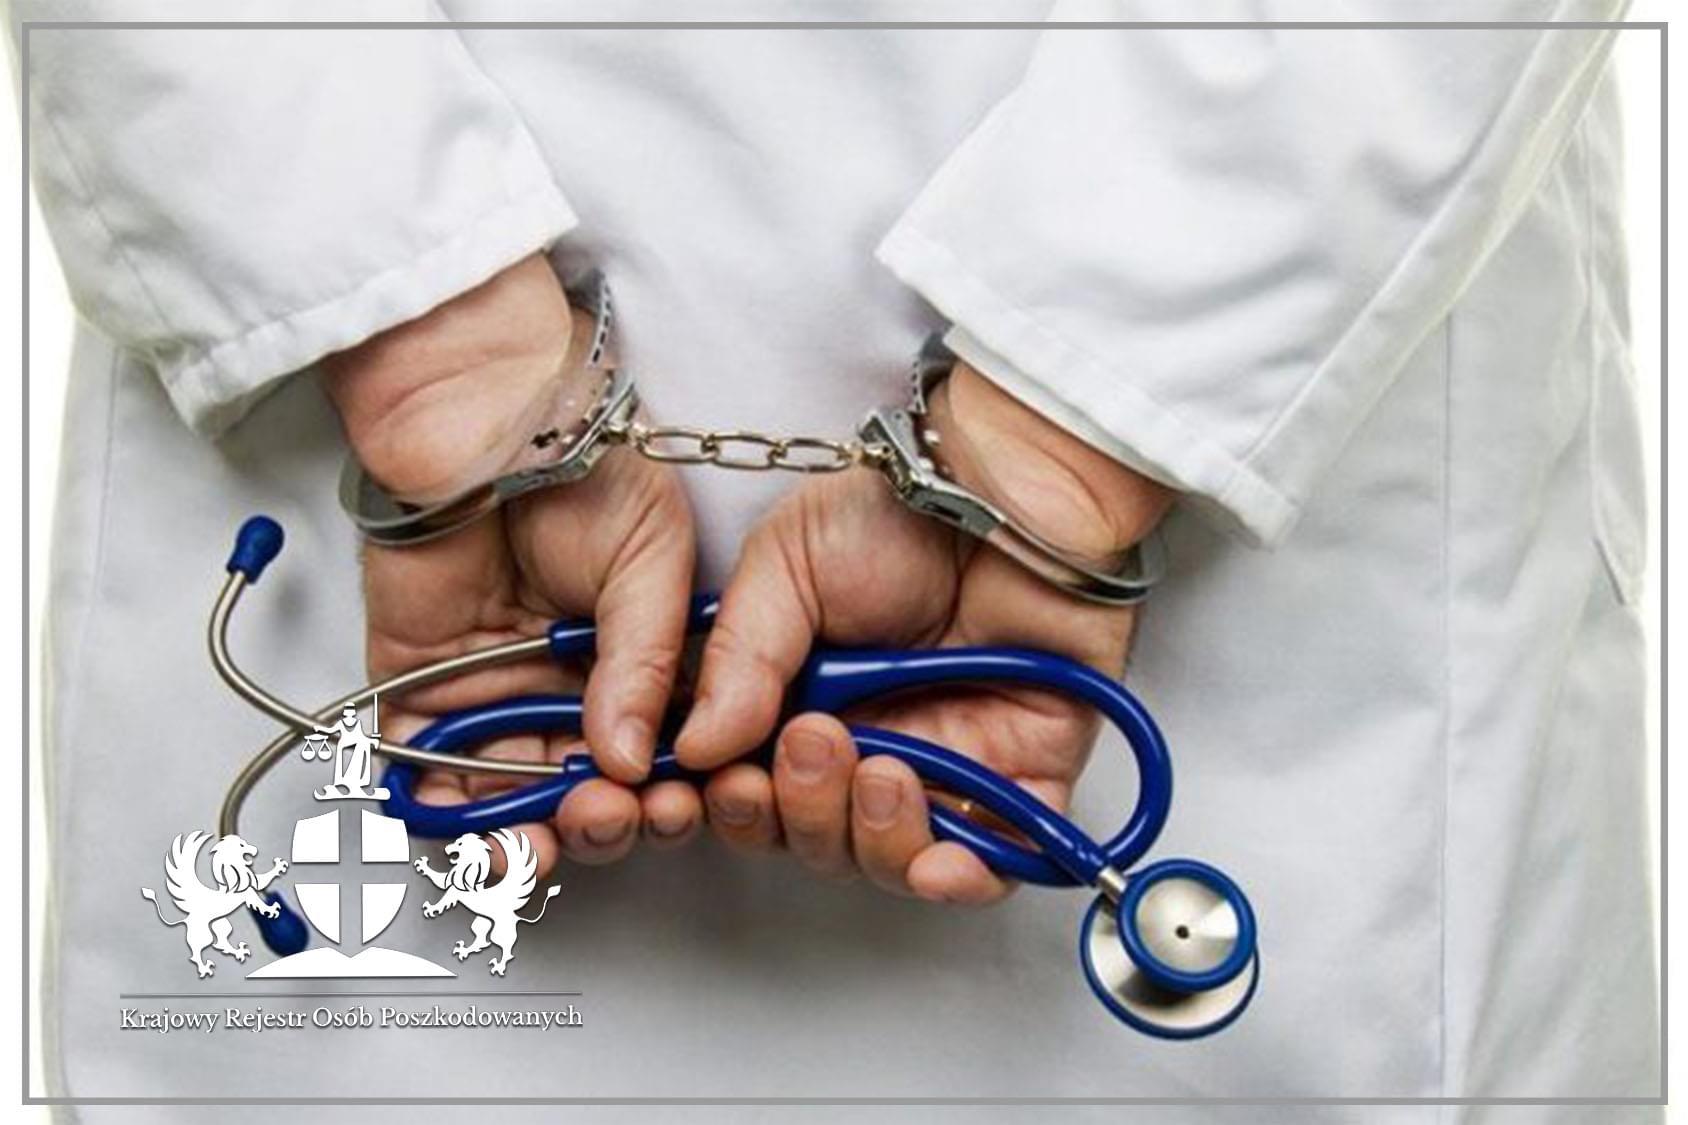 Kara za wykonanie zabiegu bez zgody pacjenta